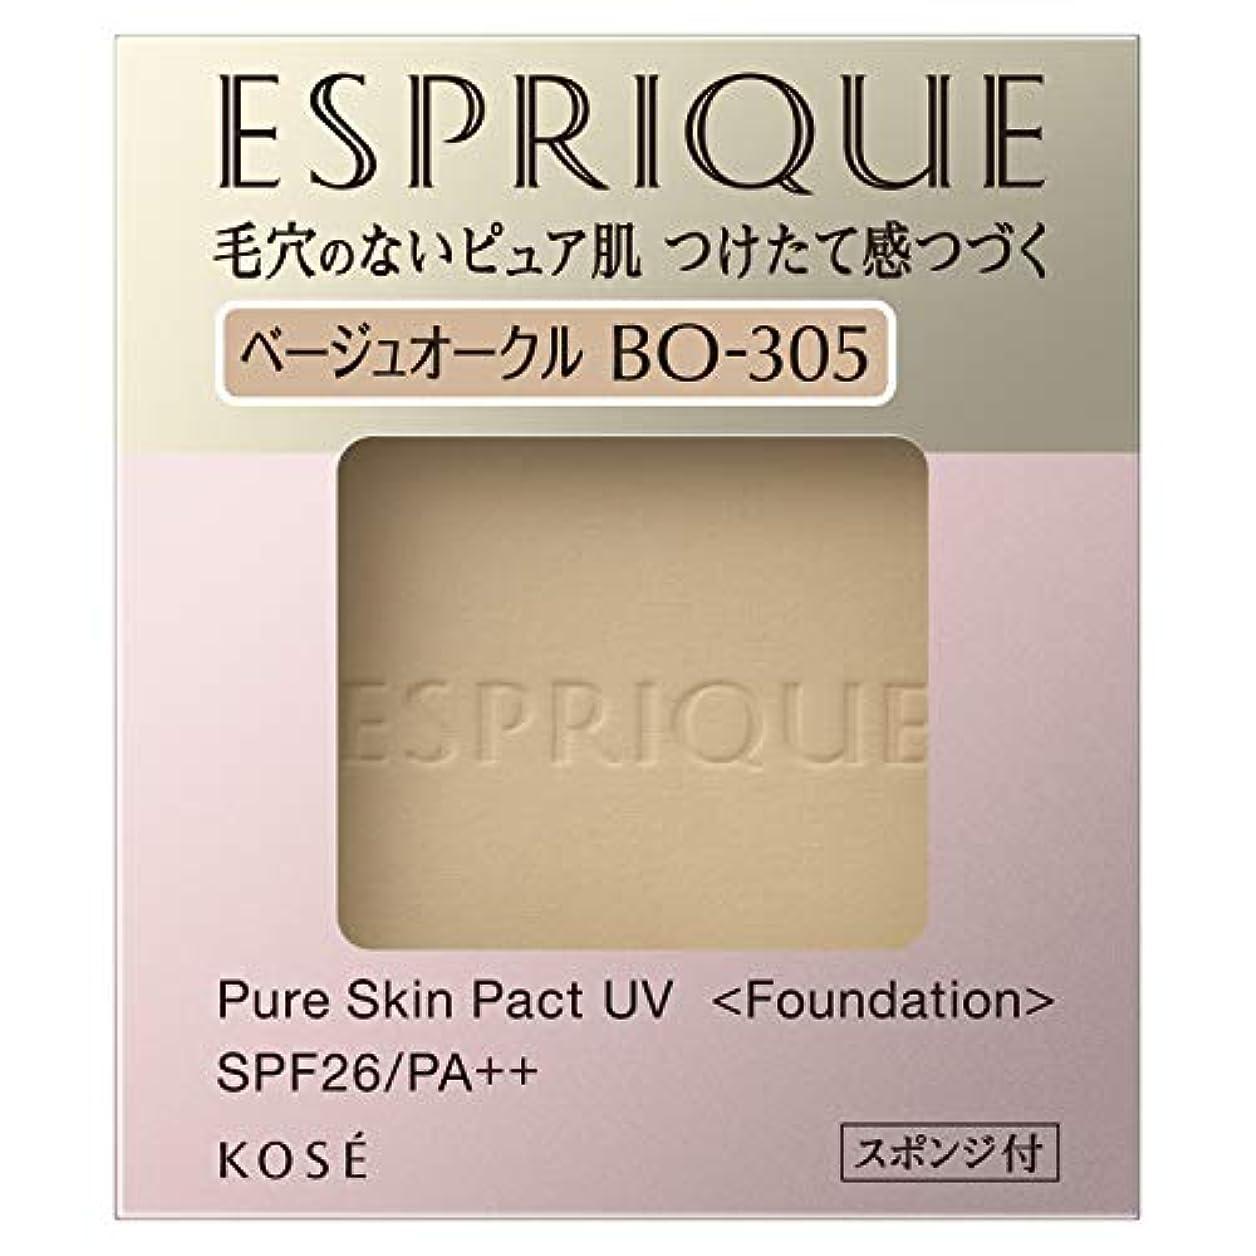 初期相対サイズ命題エスプリーク ピュアスキン パクト UV BO-305 ベージュオークル 9.3g